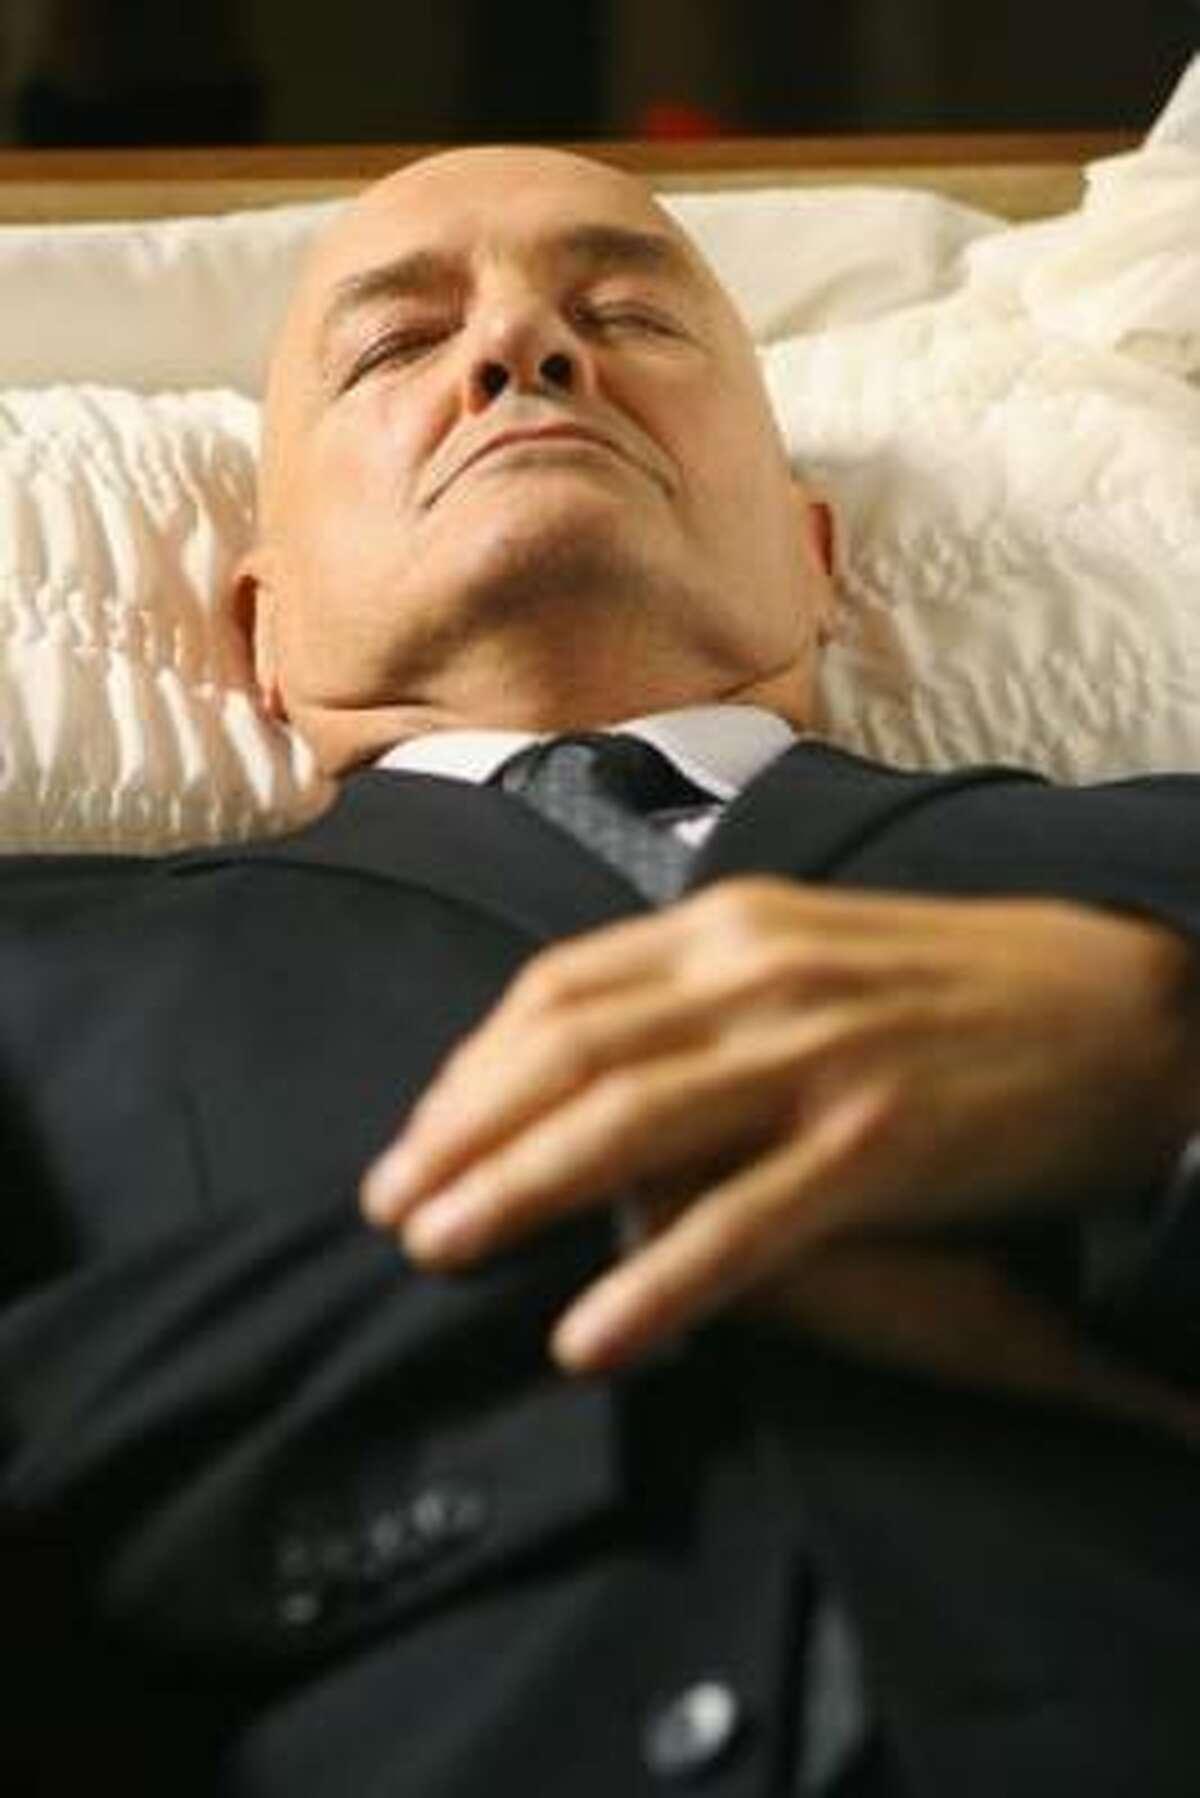 Kill John Locke.